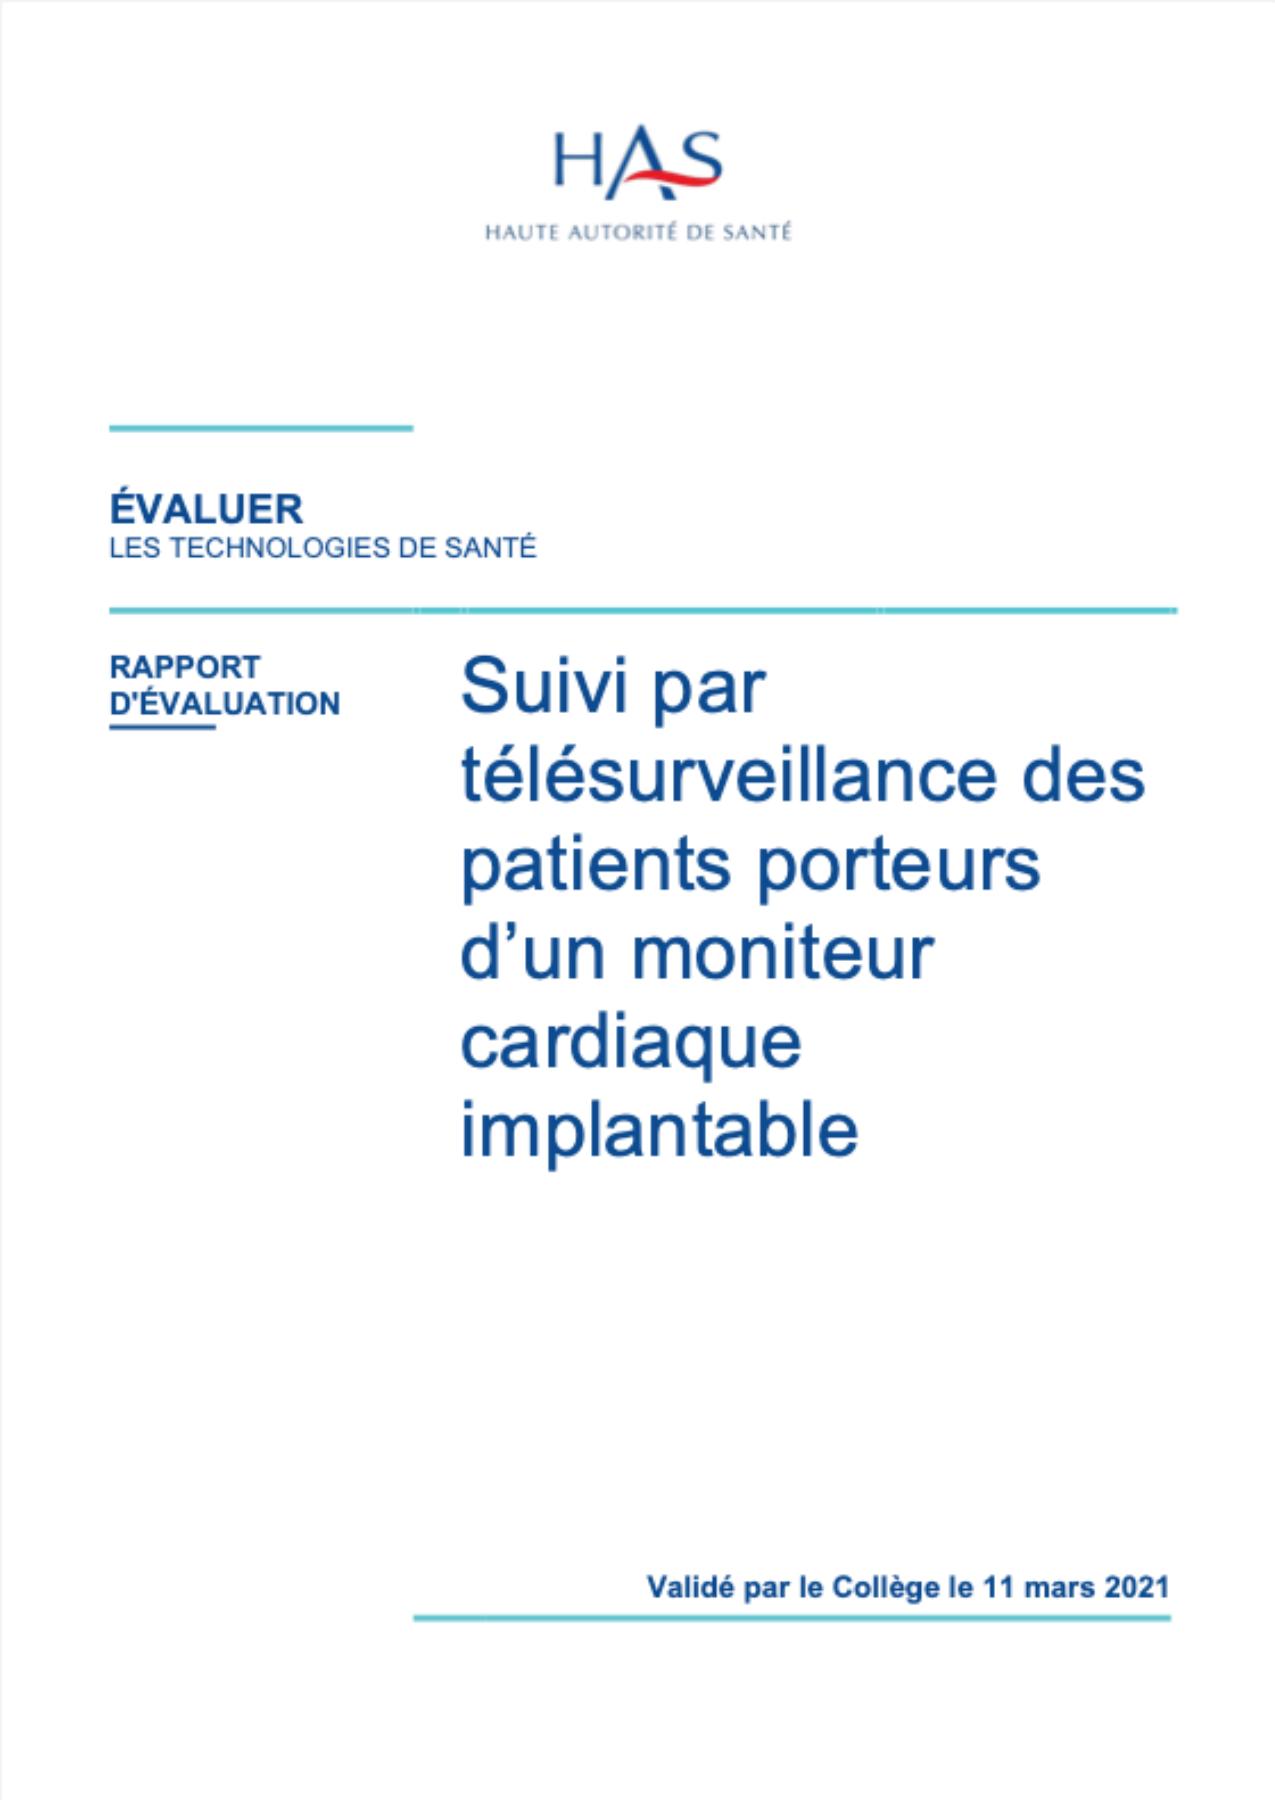 Suivi par télésurveillance des patients porteurs d'un moniteur cardiaque implantable